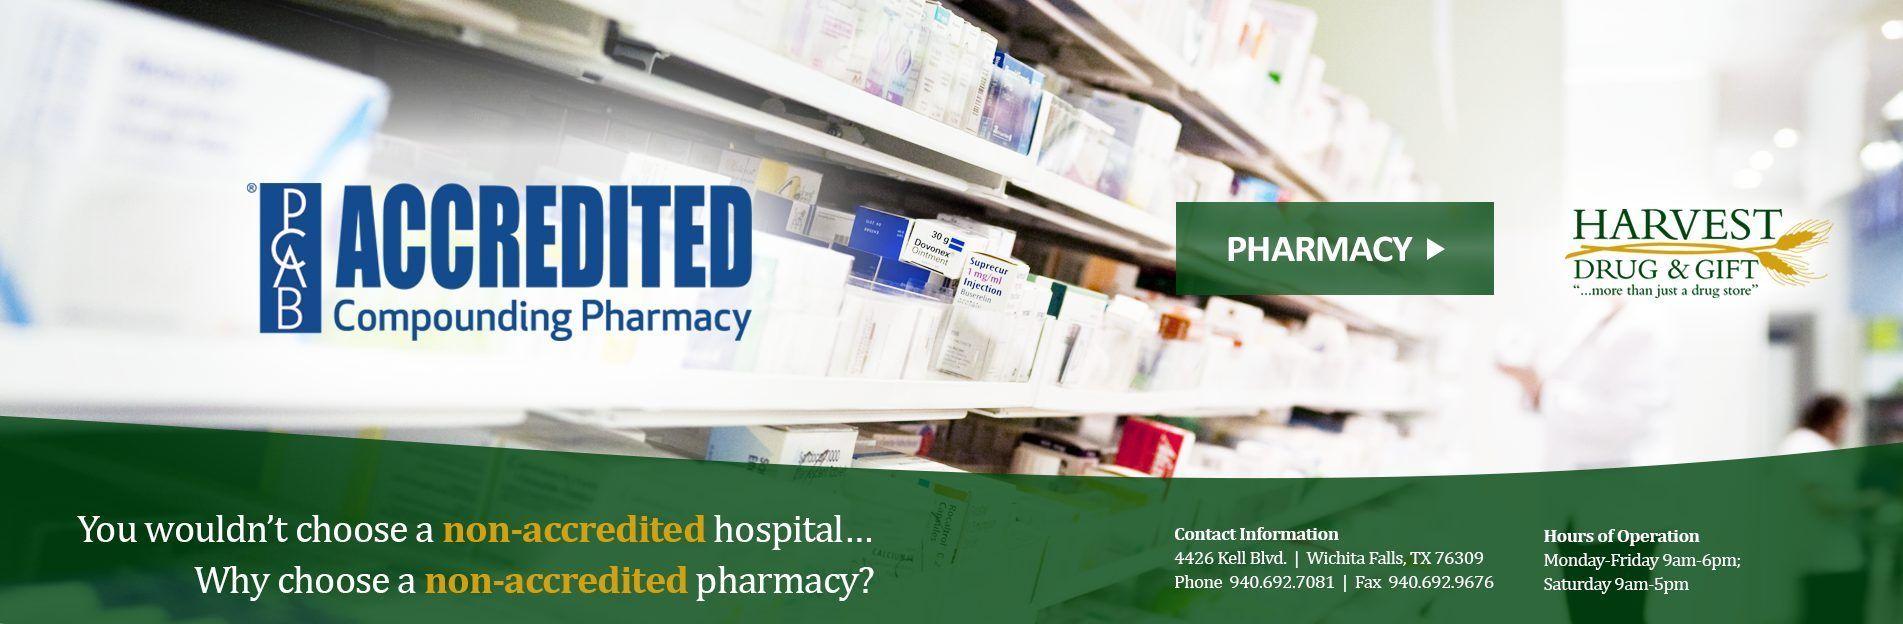 Pharmacy-1903x624.jpg